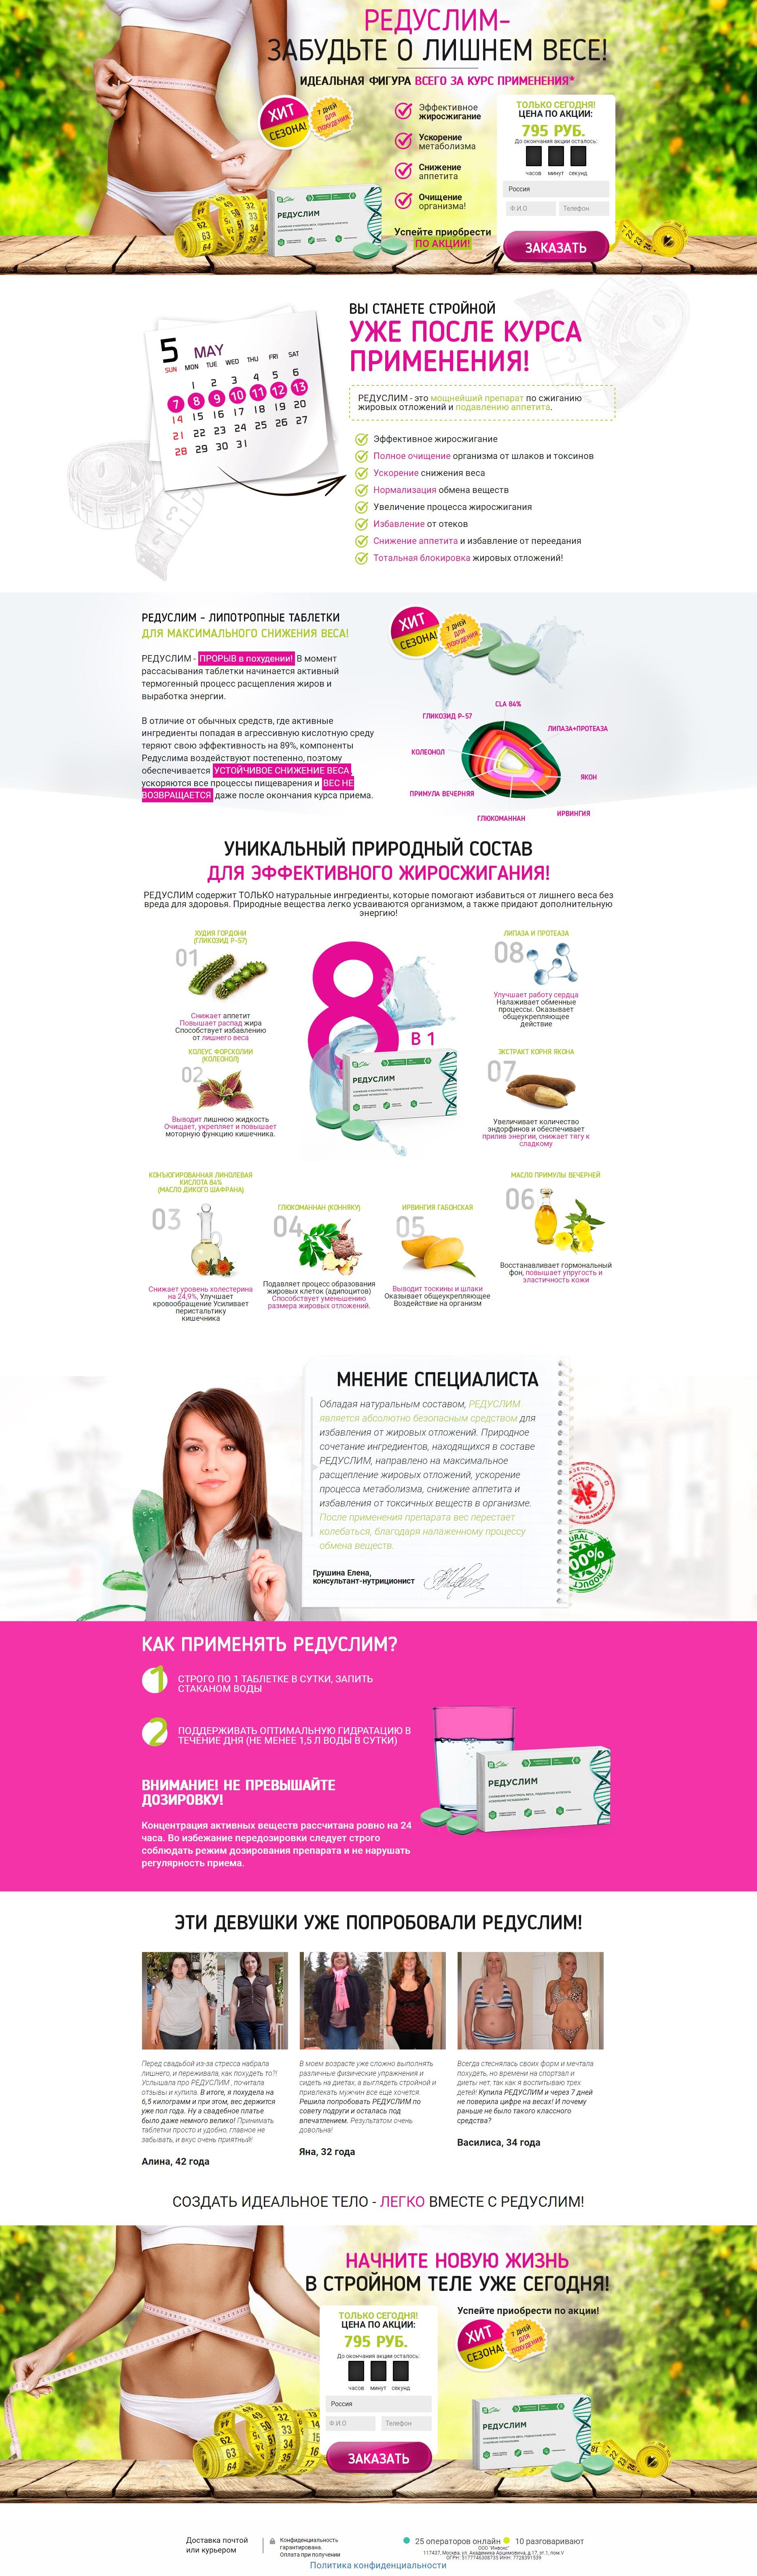 редуслим таблетки для похудения отзывы и цена киров